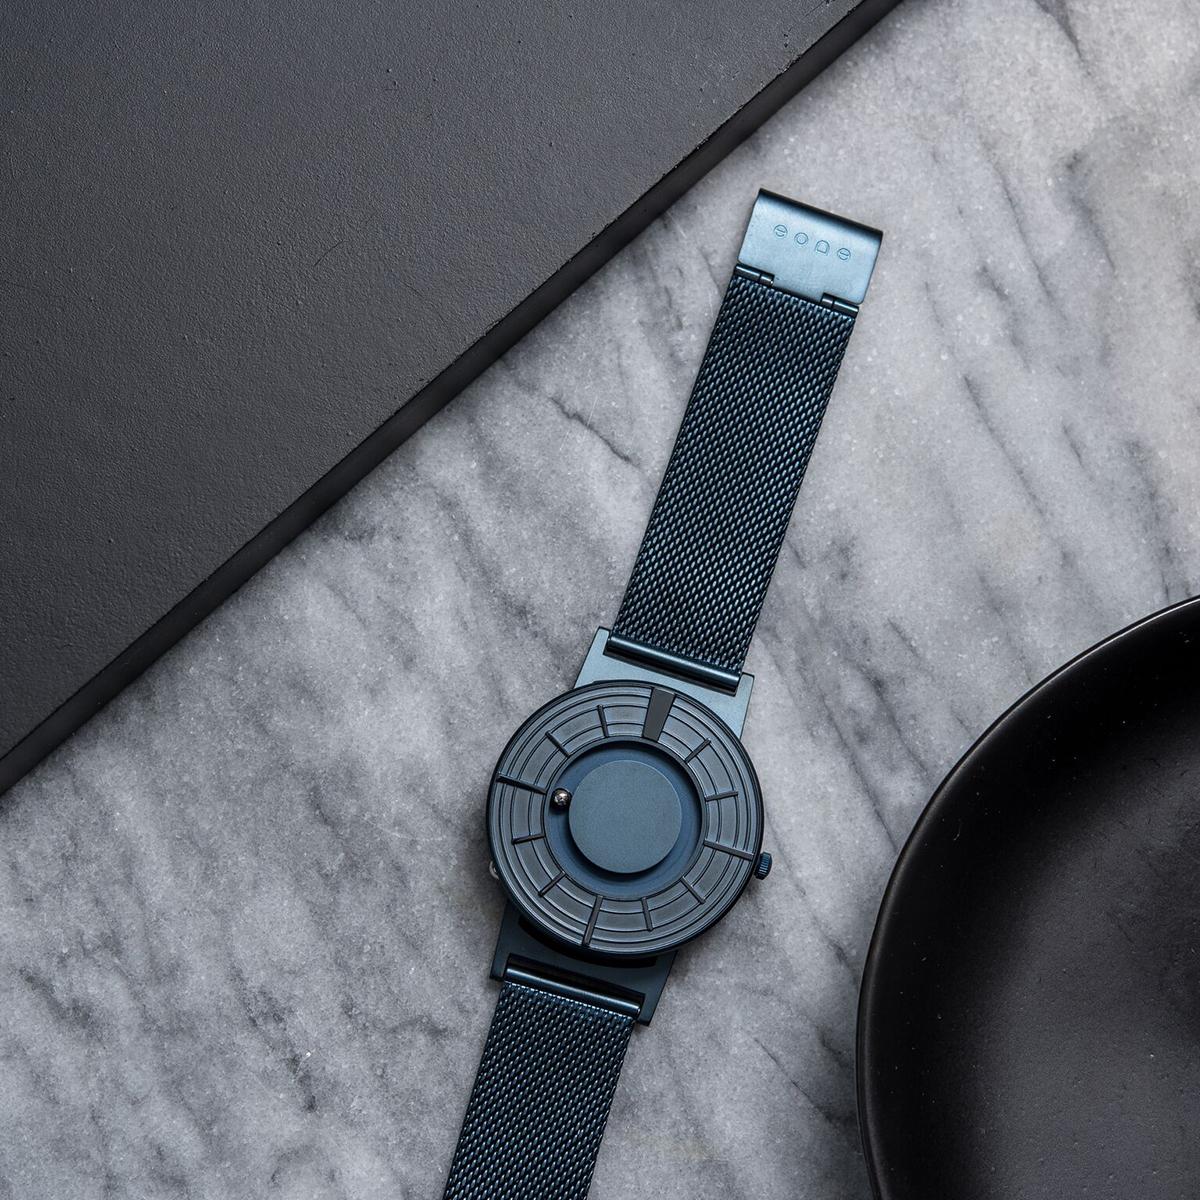 心を静かに落ち着かせる色彩心理がある、あなたを引き立てる、濃紺のタイムピース「触る時計」| EONE(COSMOS)